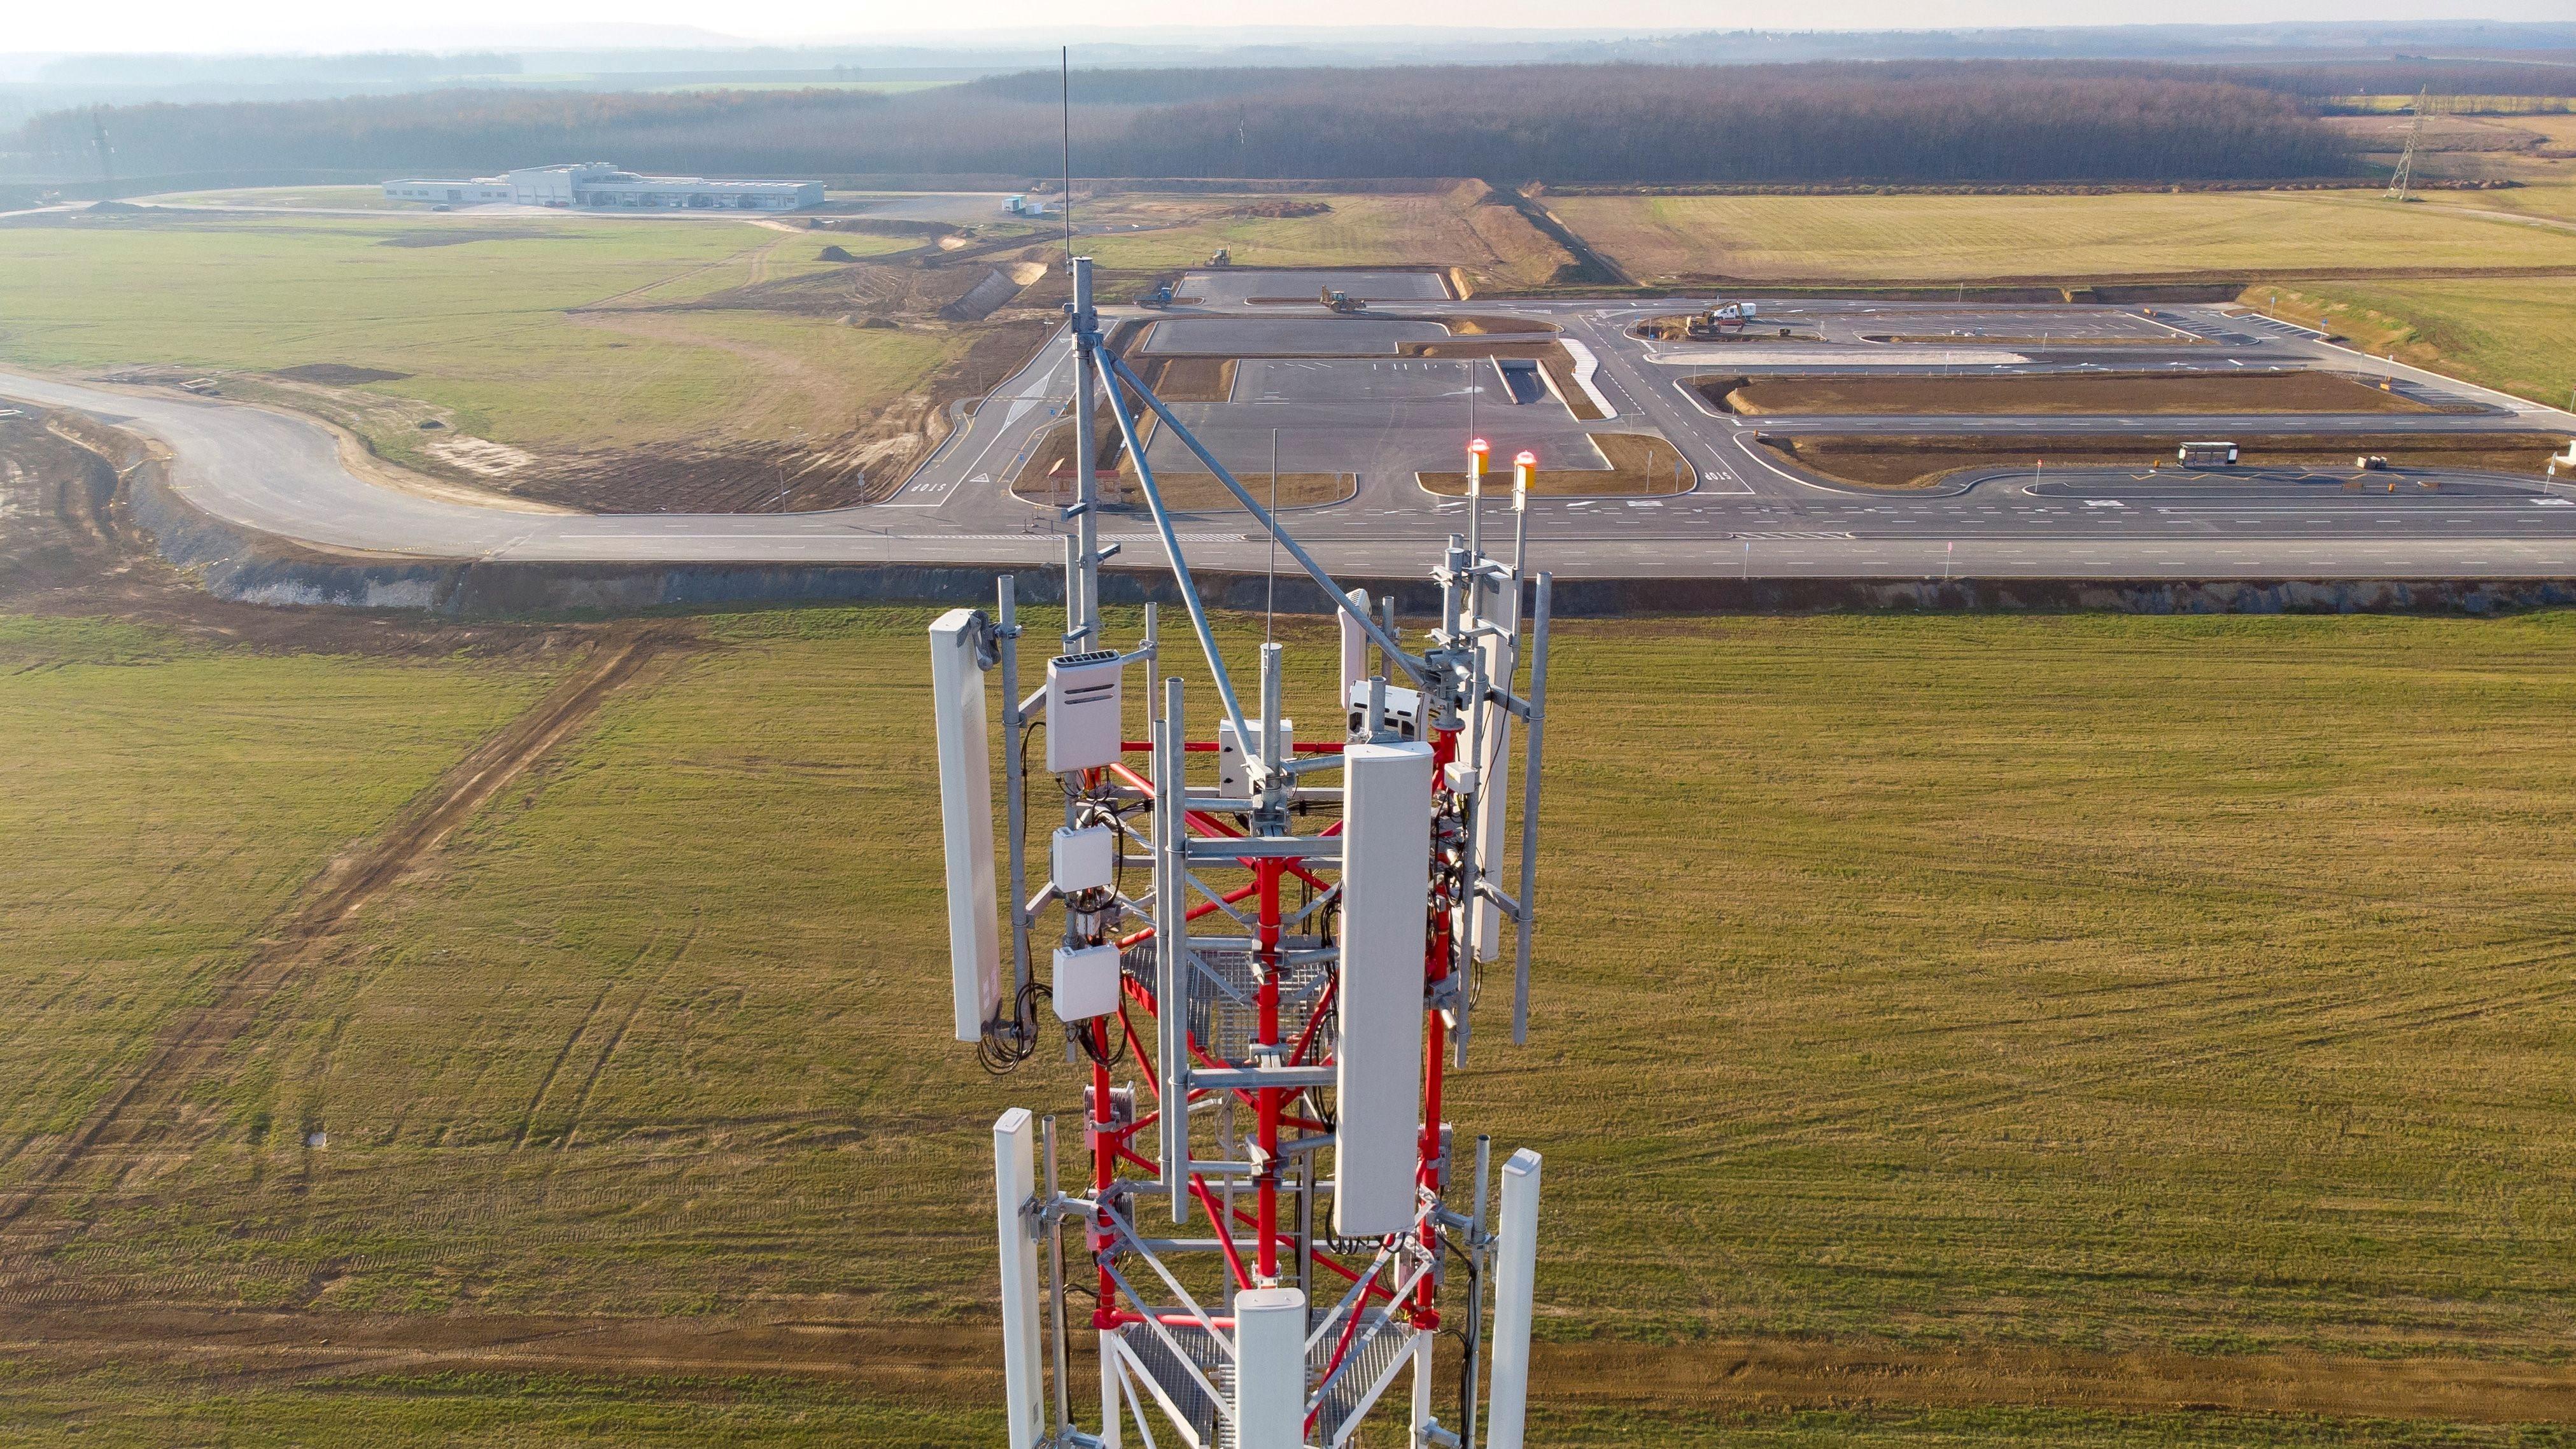 A zalaegerszegi járműipari tesztpálya 5G mobilszolgáltatást biztosító adótornya az épített városi környezetet modellező pályarész mellett 2018. december 7-én.